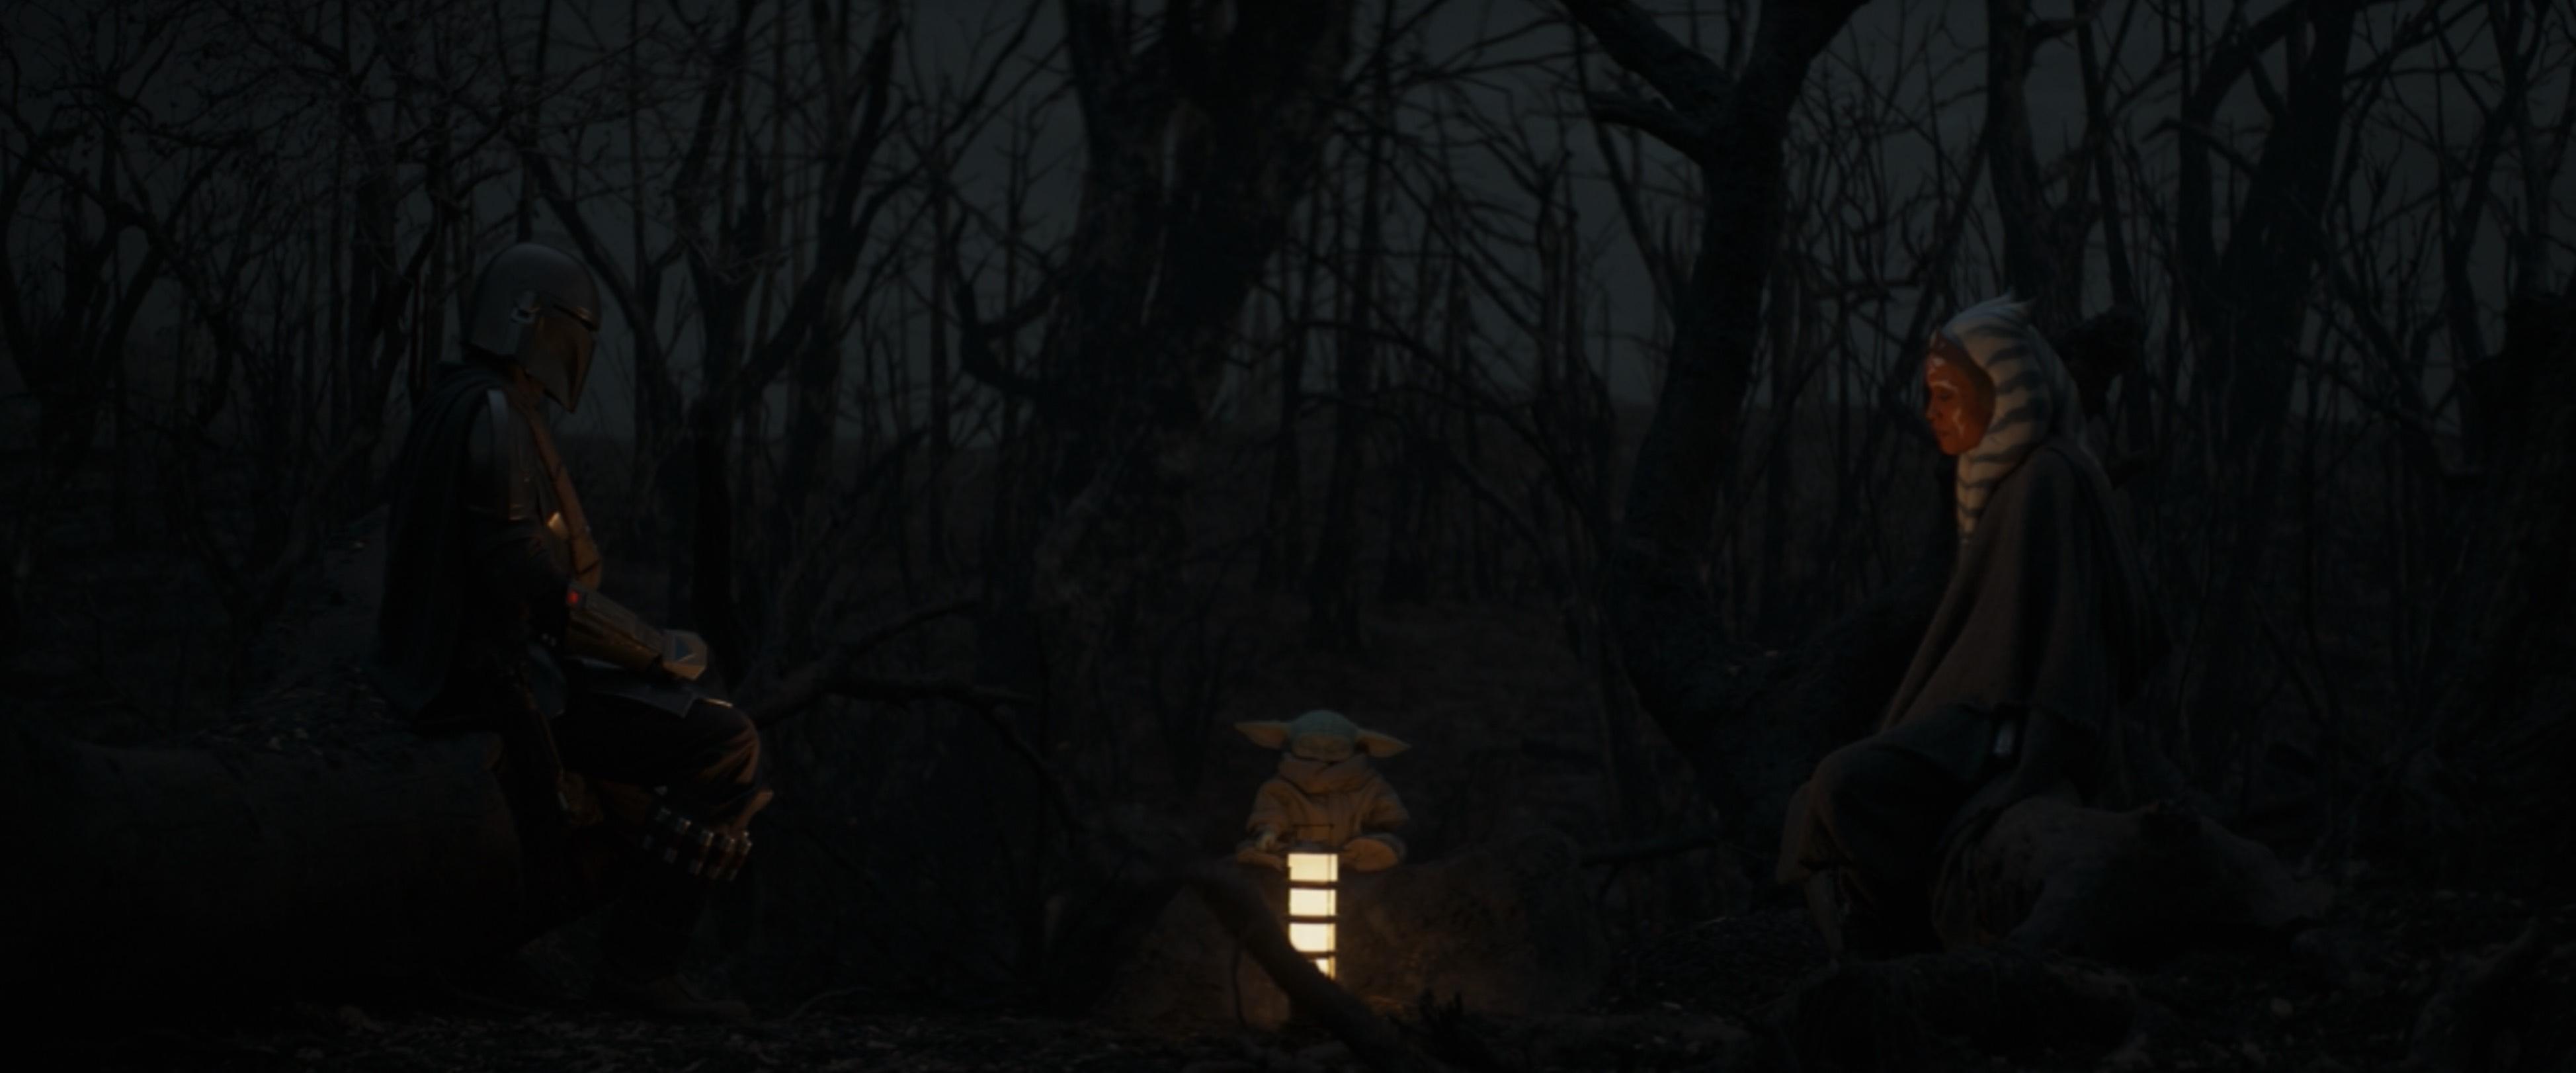 Раскрыты имя и предыстория Малыша Йоды в «Звездных войнах»